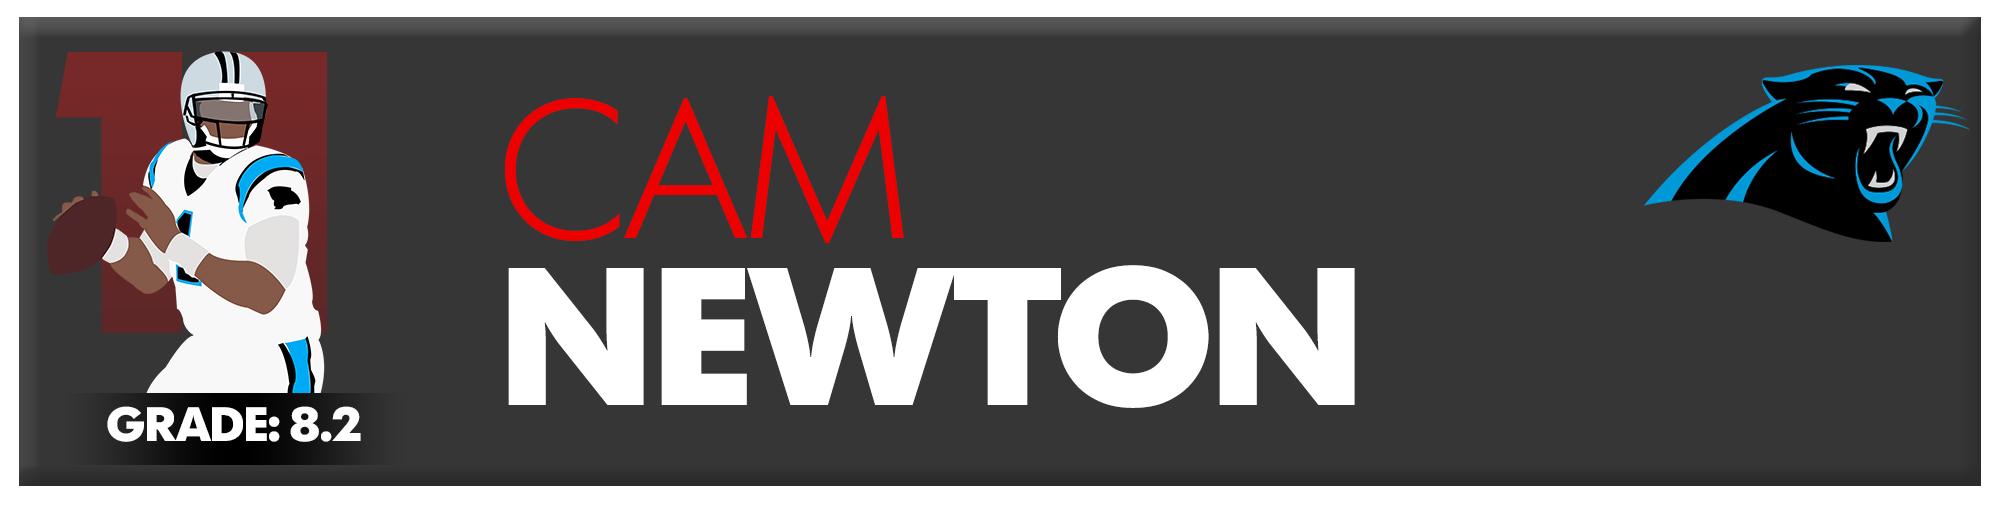 newton_tile